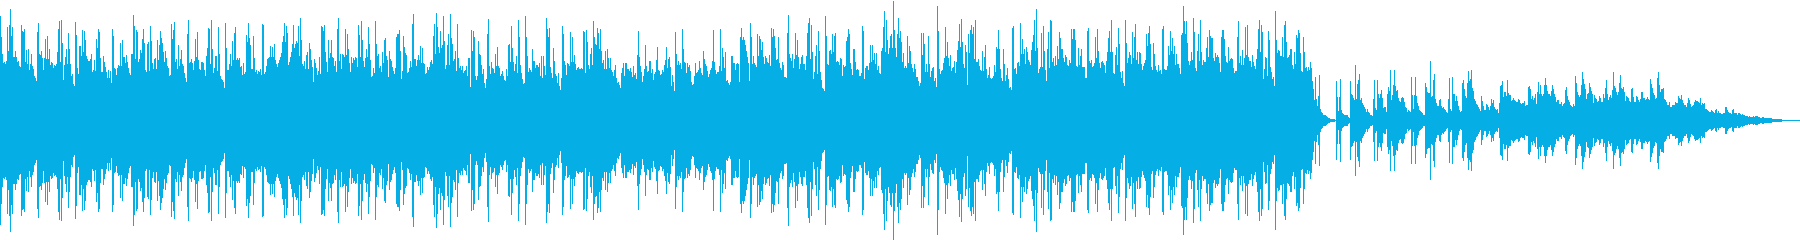 エレガントな雰囲気のピアノ曲の再生済みの波形